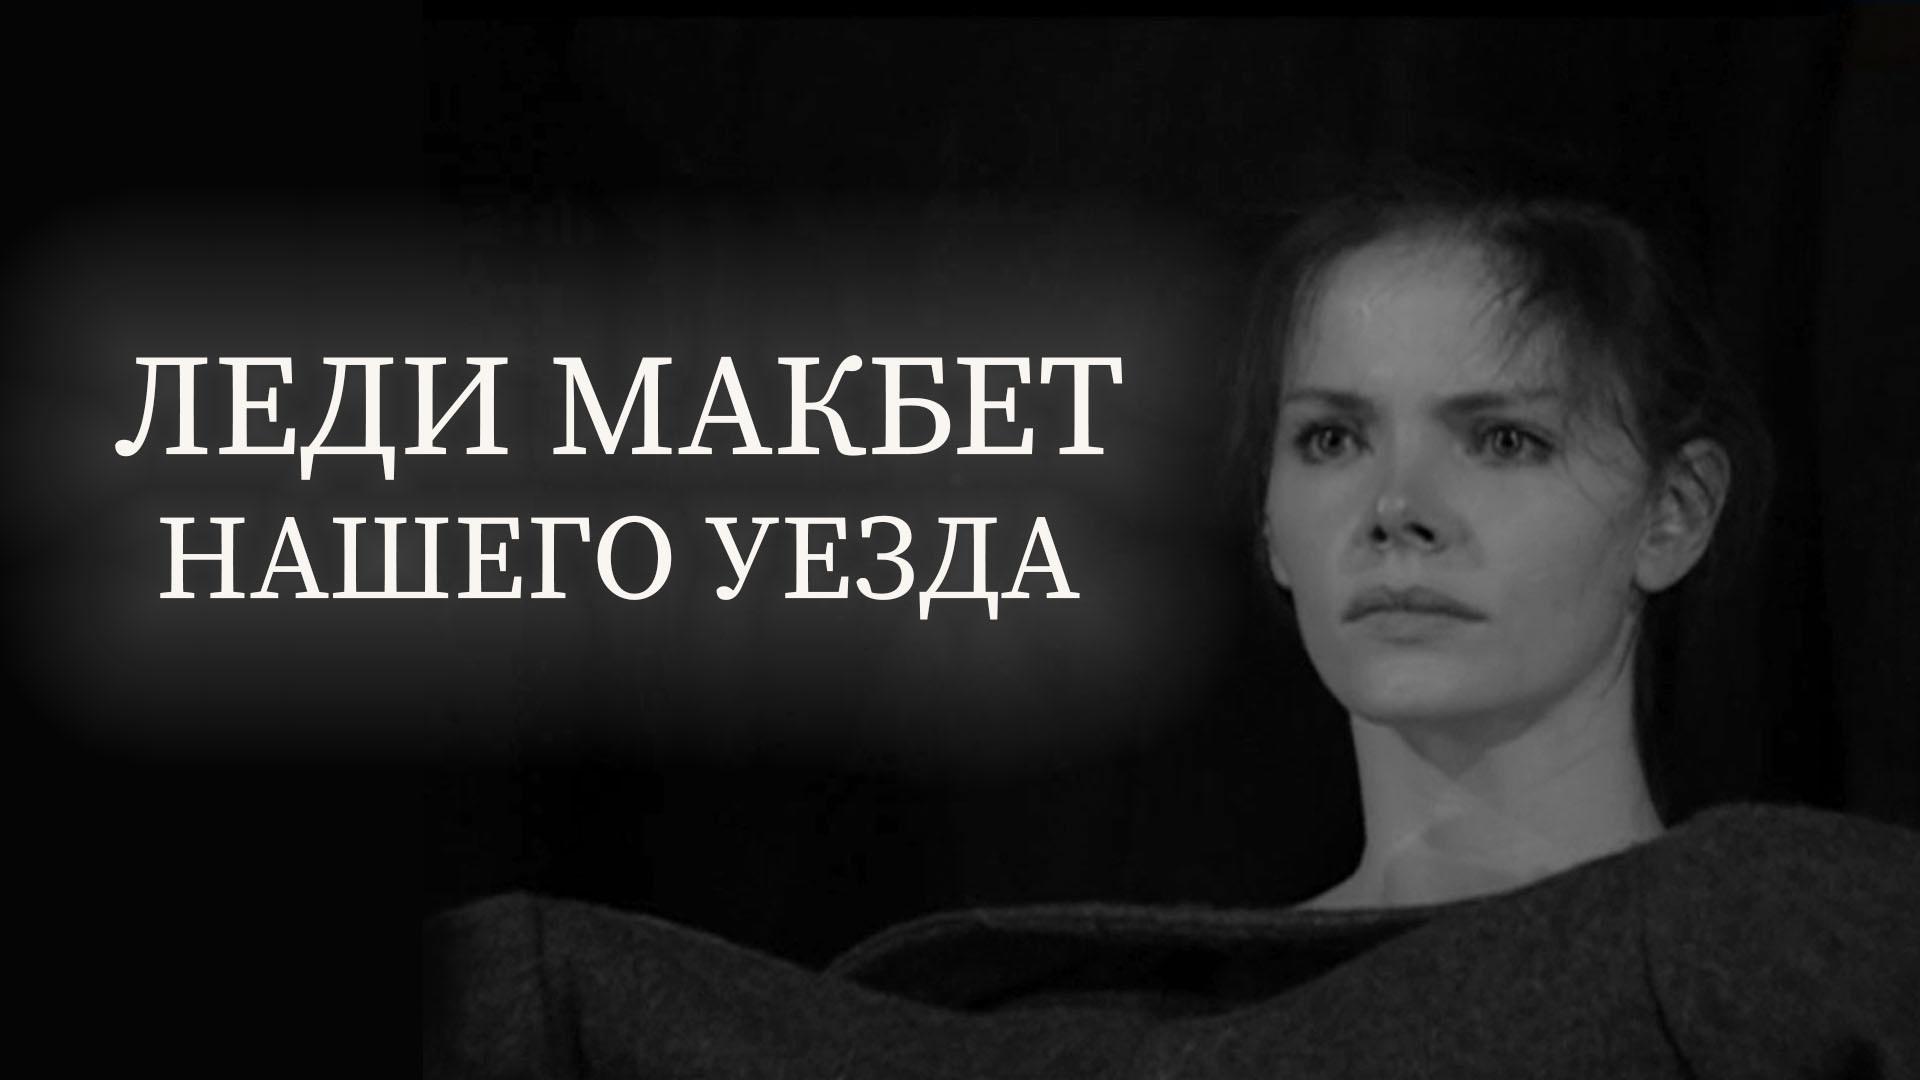 """""""Леди Макбет нашего уезда"""" (спектакль Московского театра юного зрителя)"""